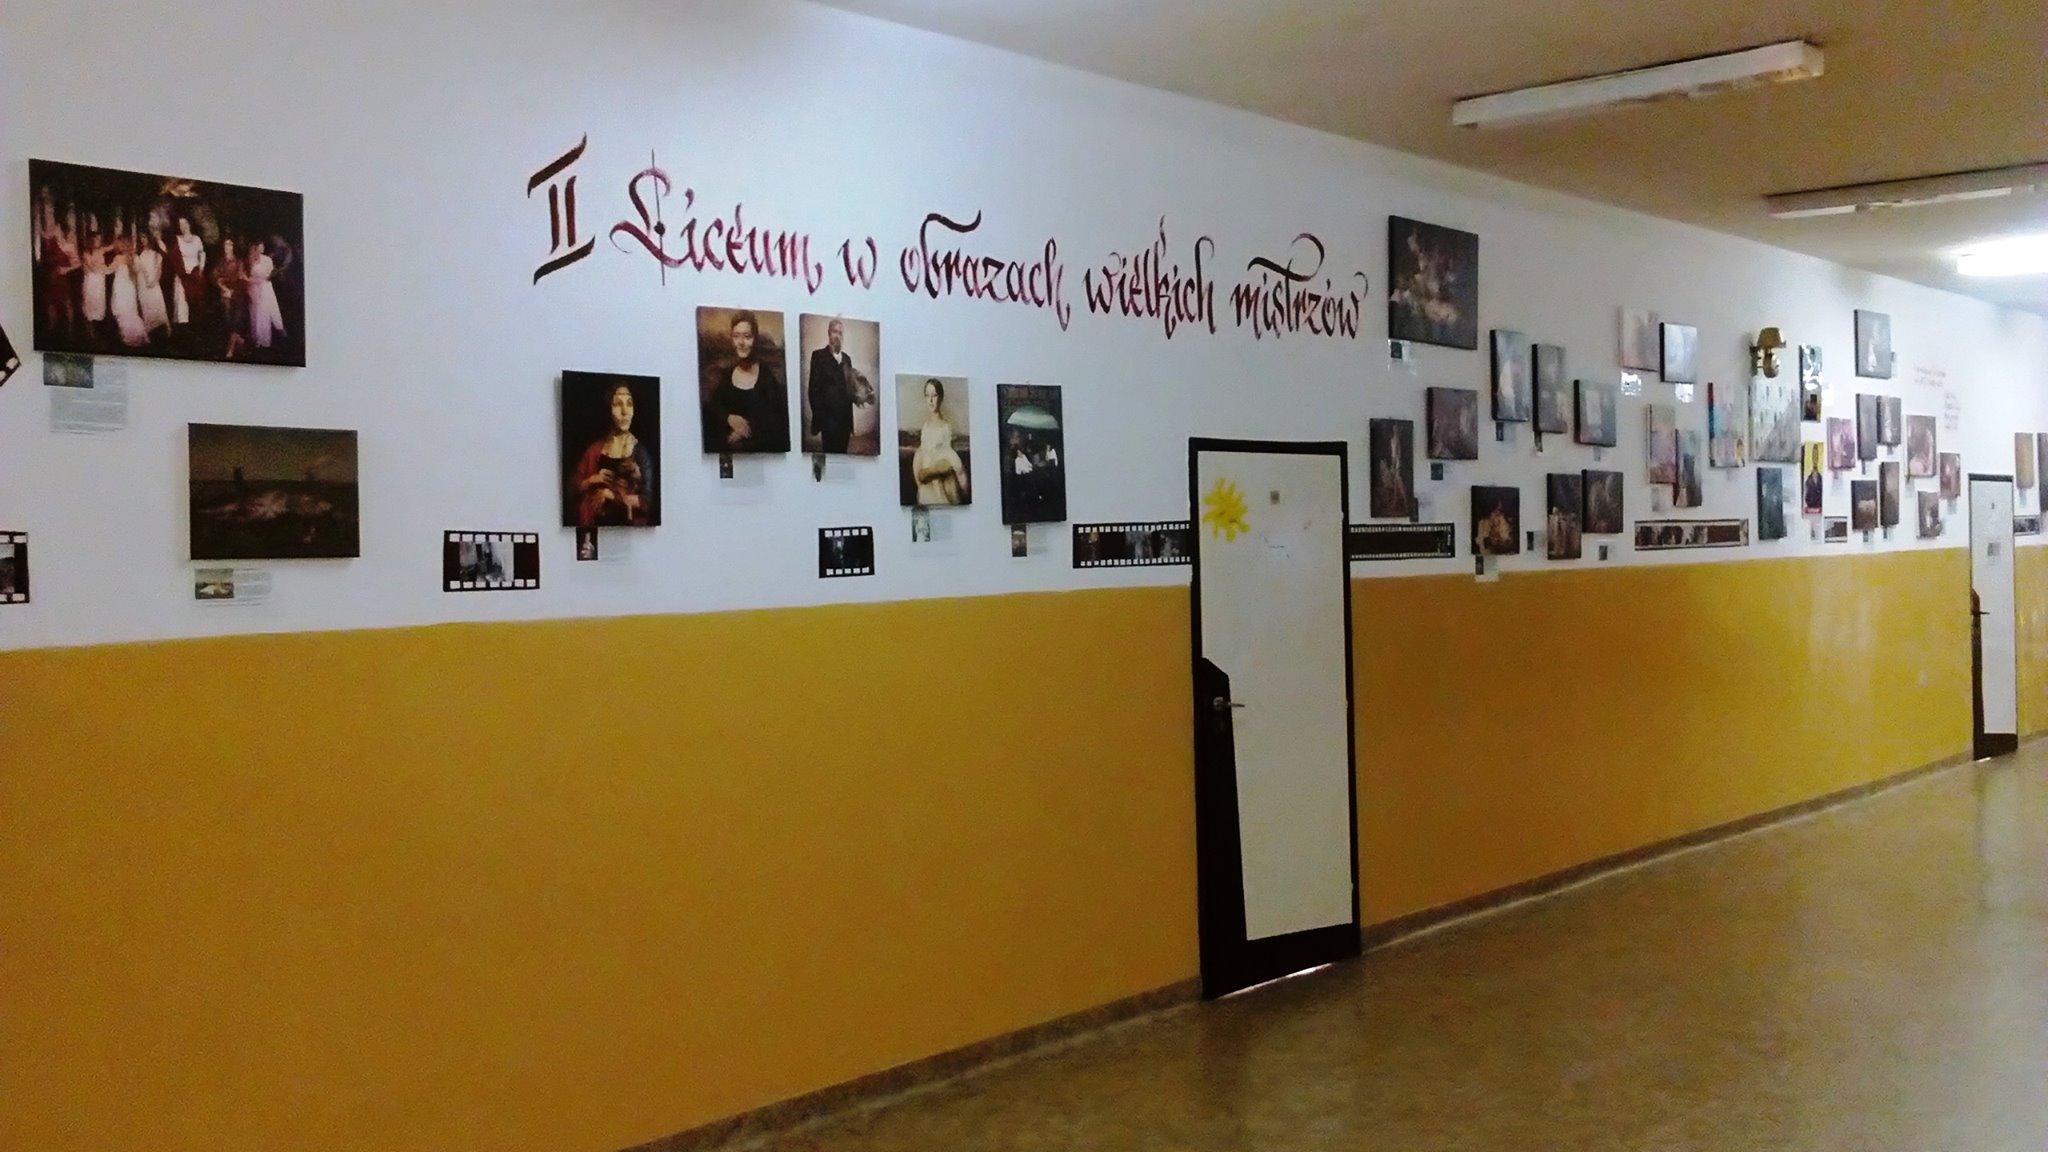 II LICEUM W OBRAZACH WIELKICH MISTRZÓW-stała galeria na korytarzu II LO